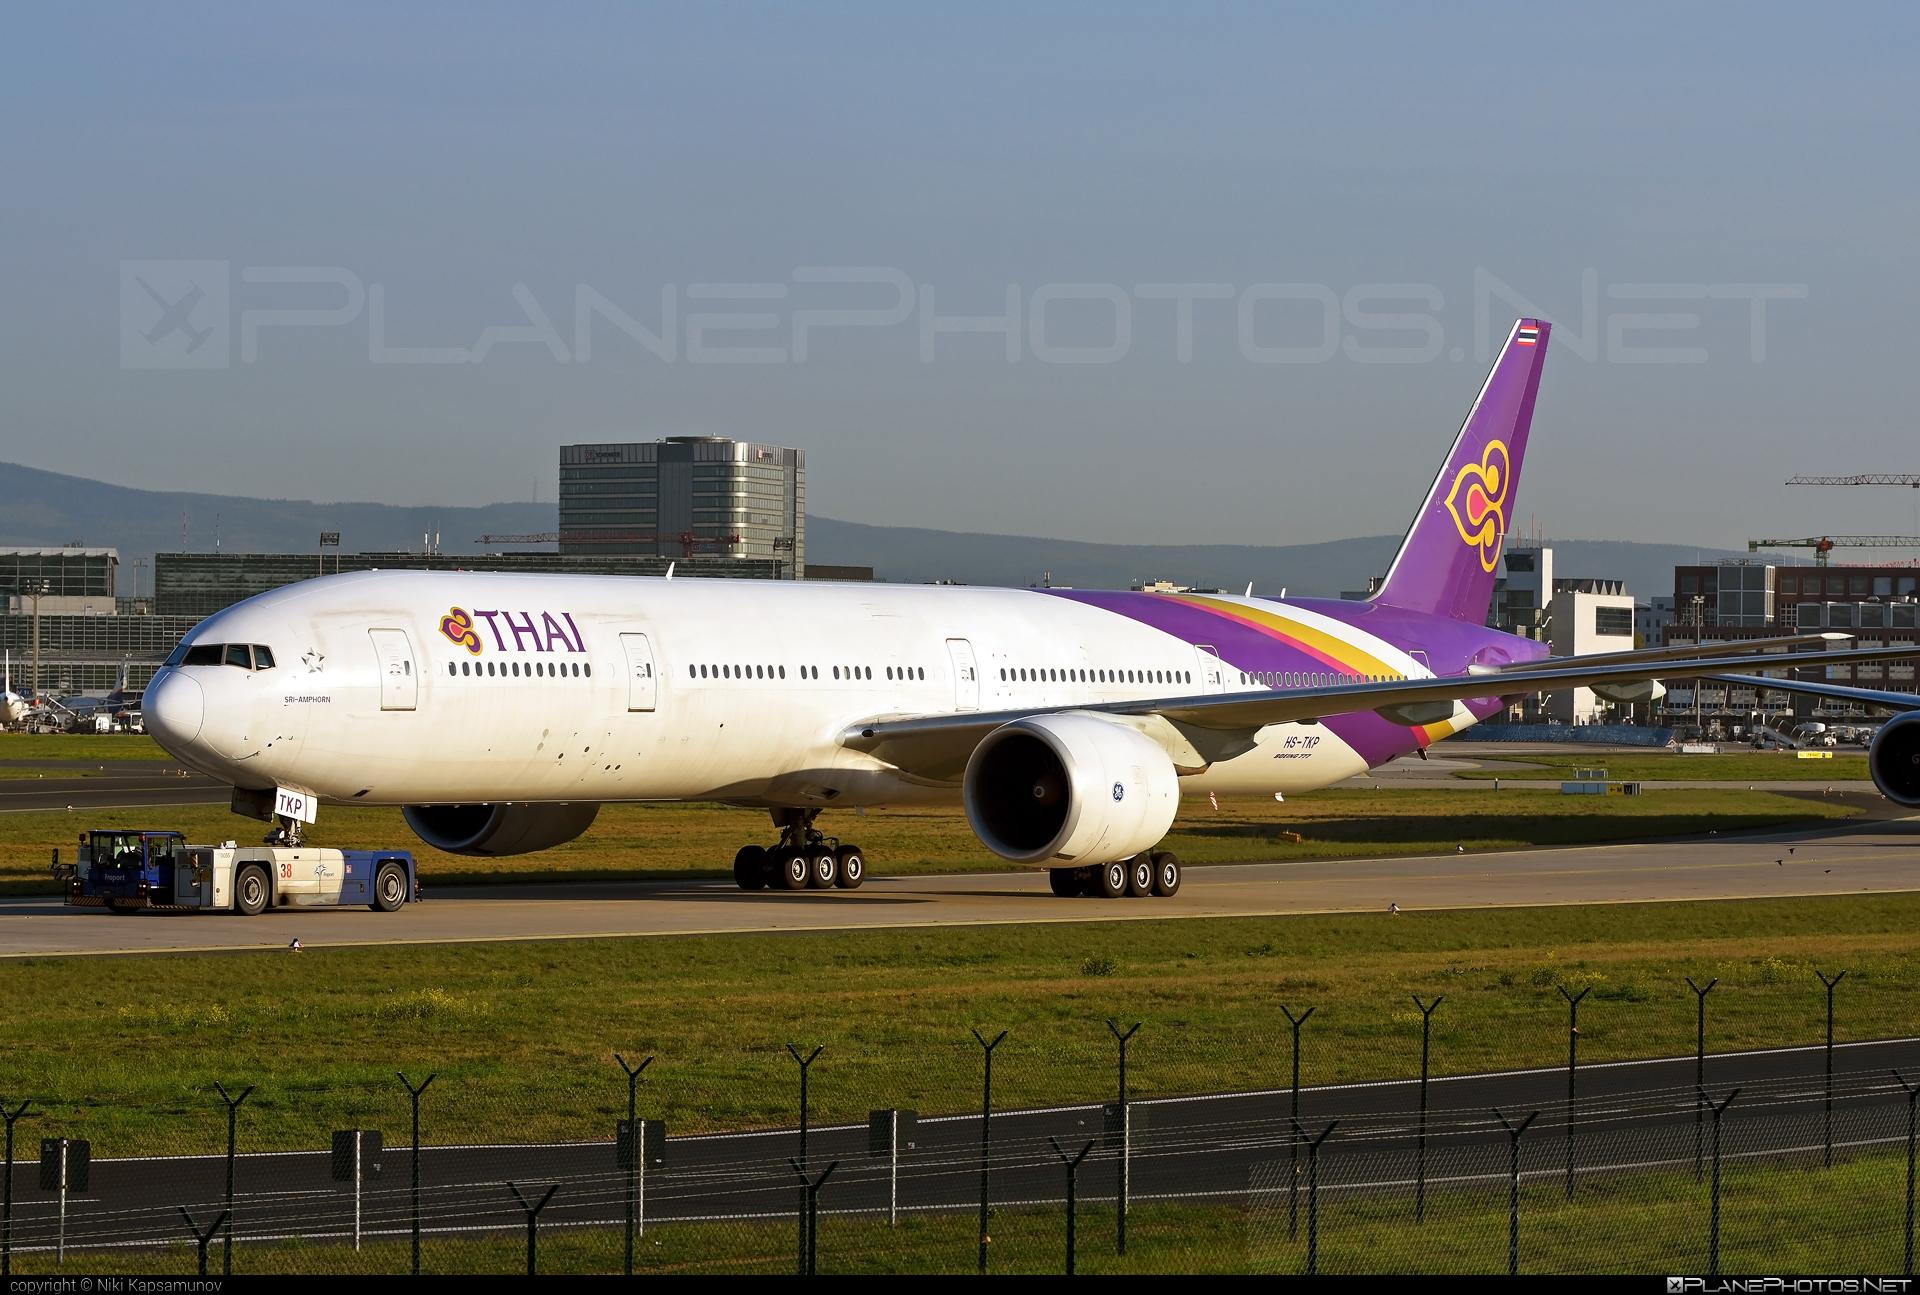 Boeing 777-300ER - HS-TKP operated by Thai Airways #b777 #b777er #boeing #boeing777 #thaiairways #tripleseven